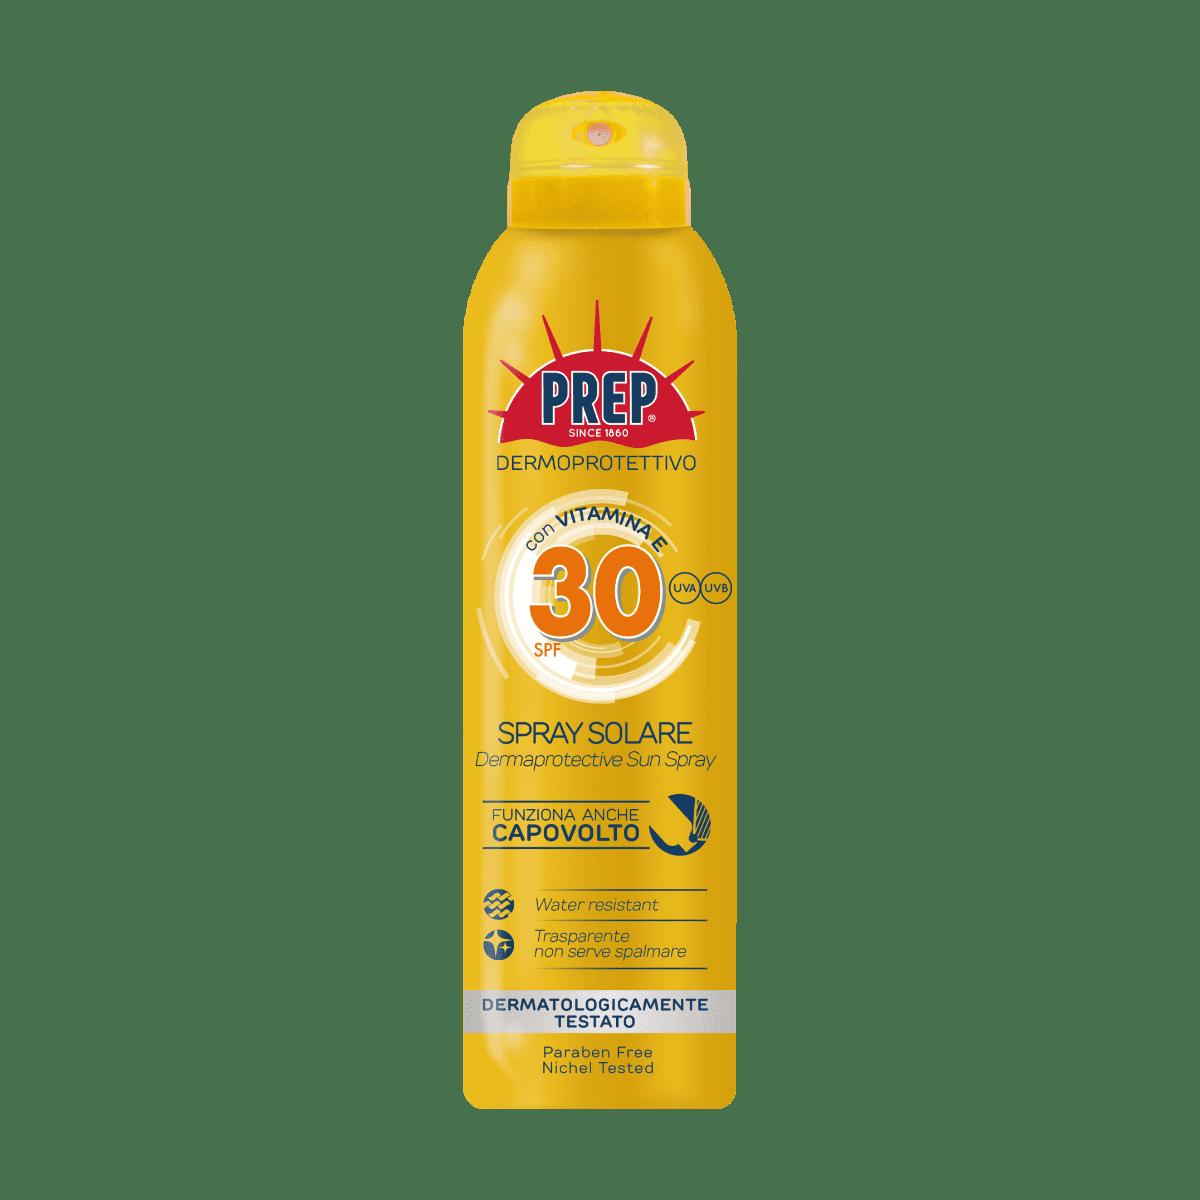 PREP Derma Protective Sun Spray SPF 30 - ochranný sprej na opaľovanie, 150 ml